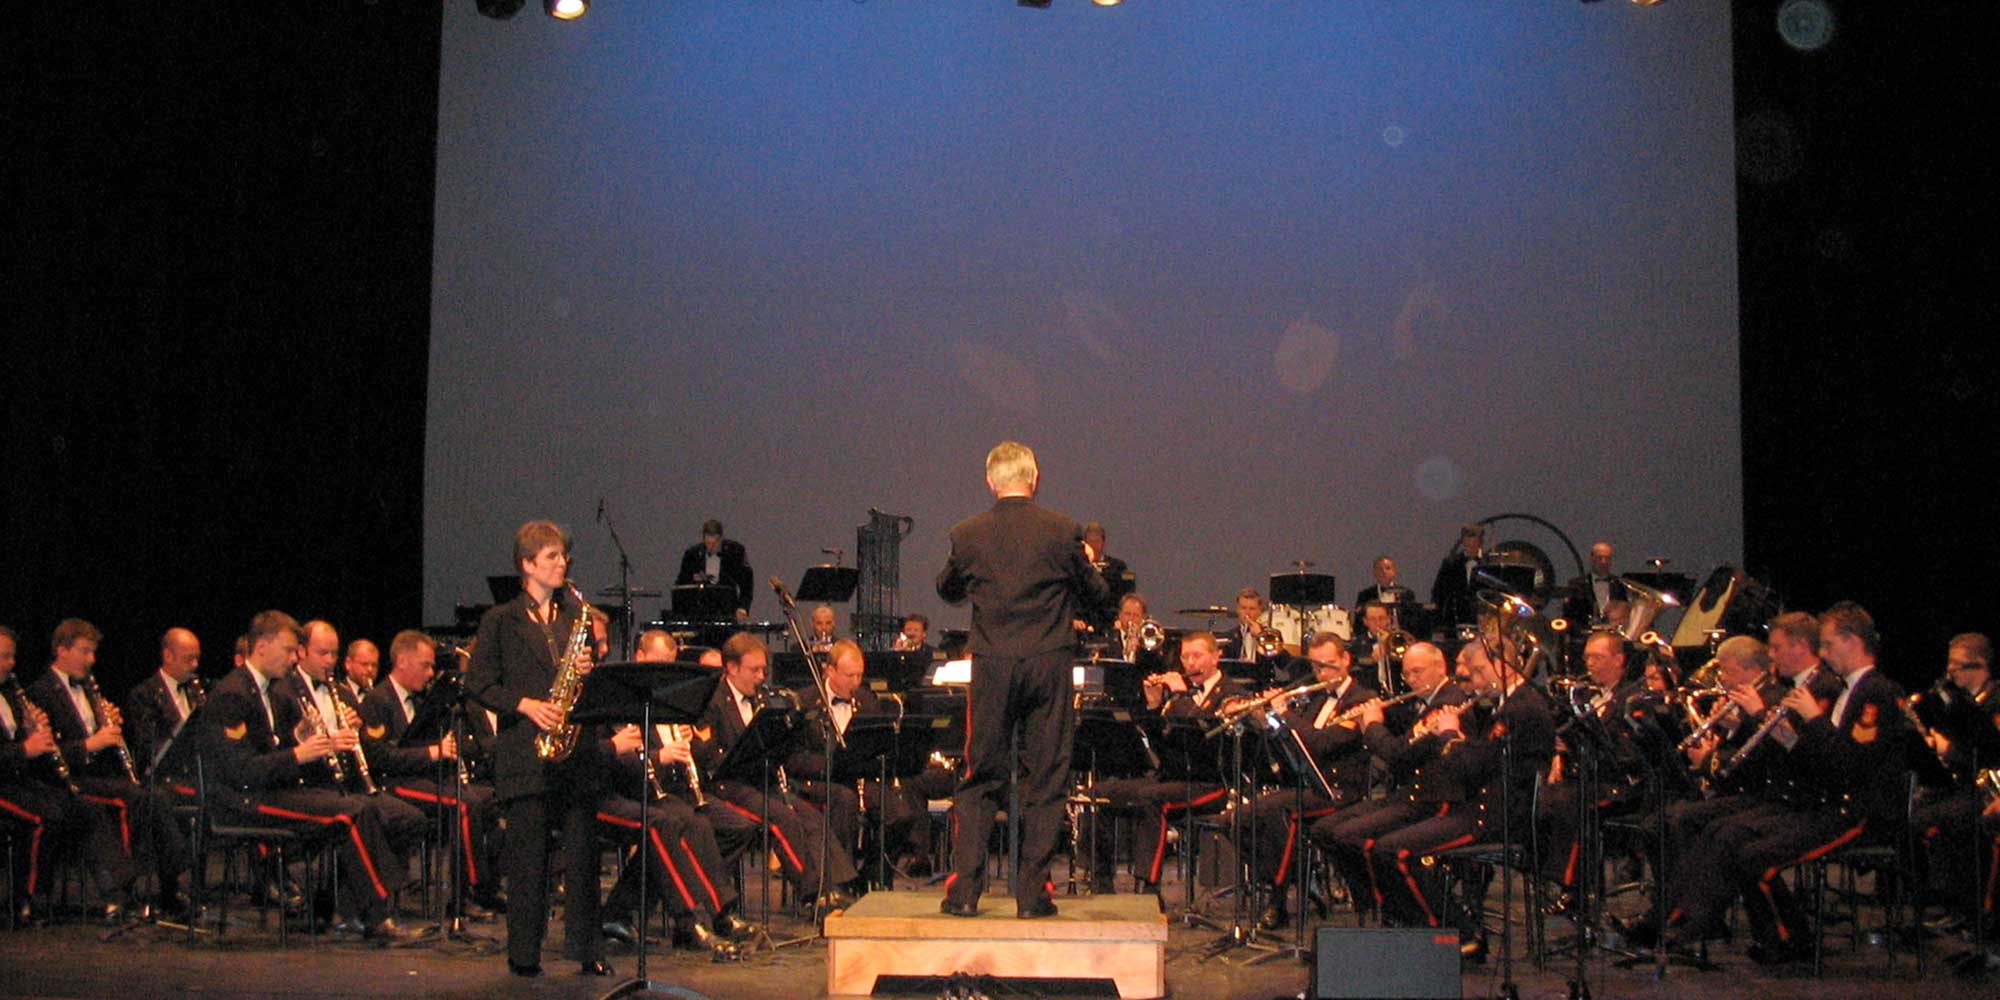 Suzanne Welters als soliste op de saxofoon met de marinierskapel